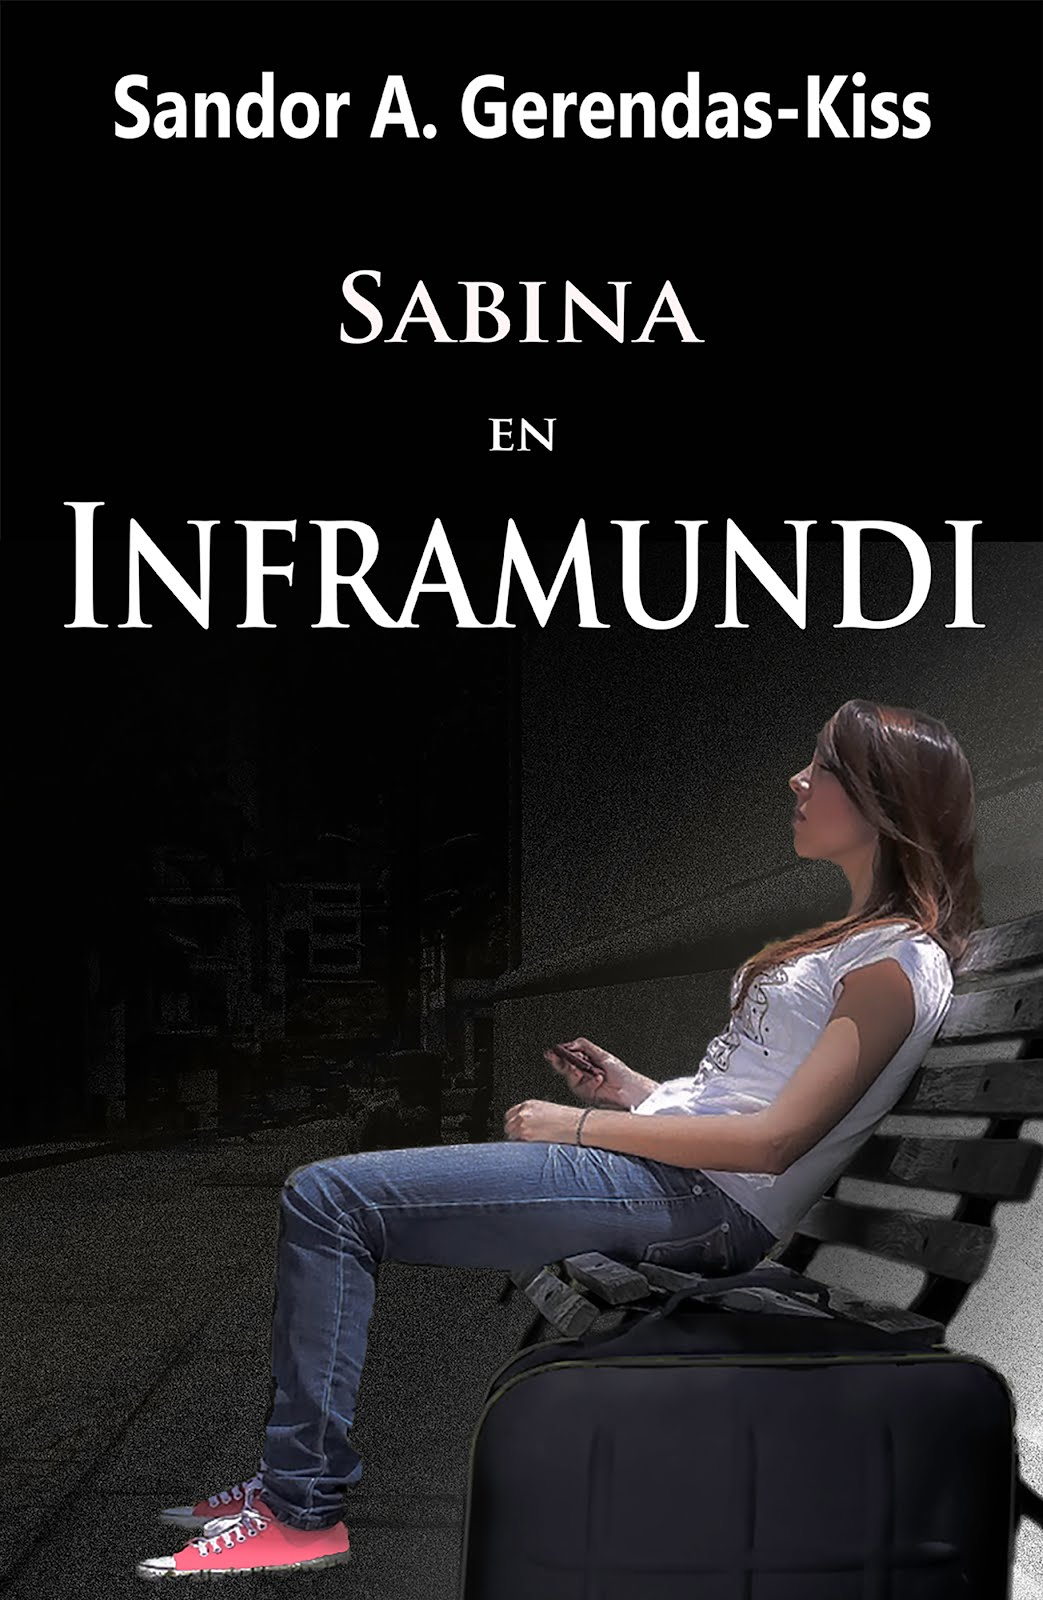 Sabina en Inframundi